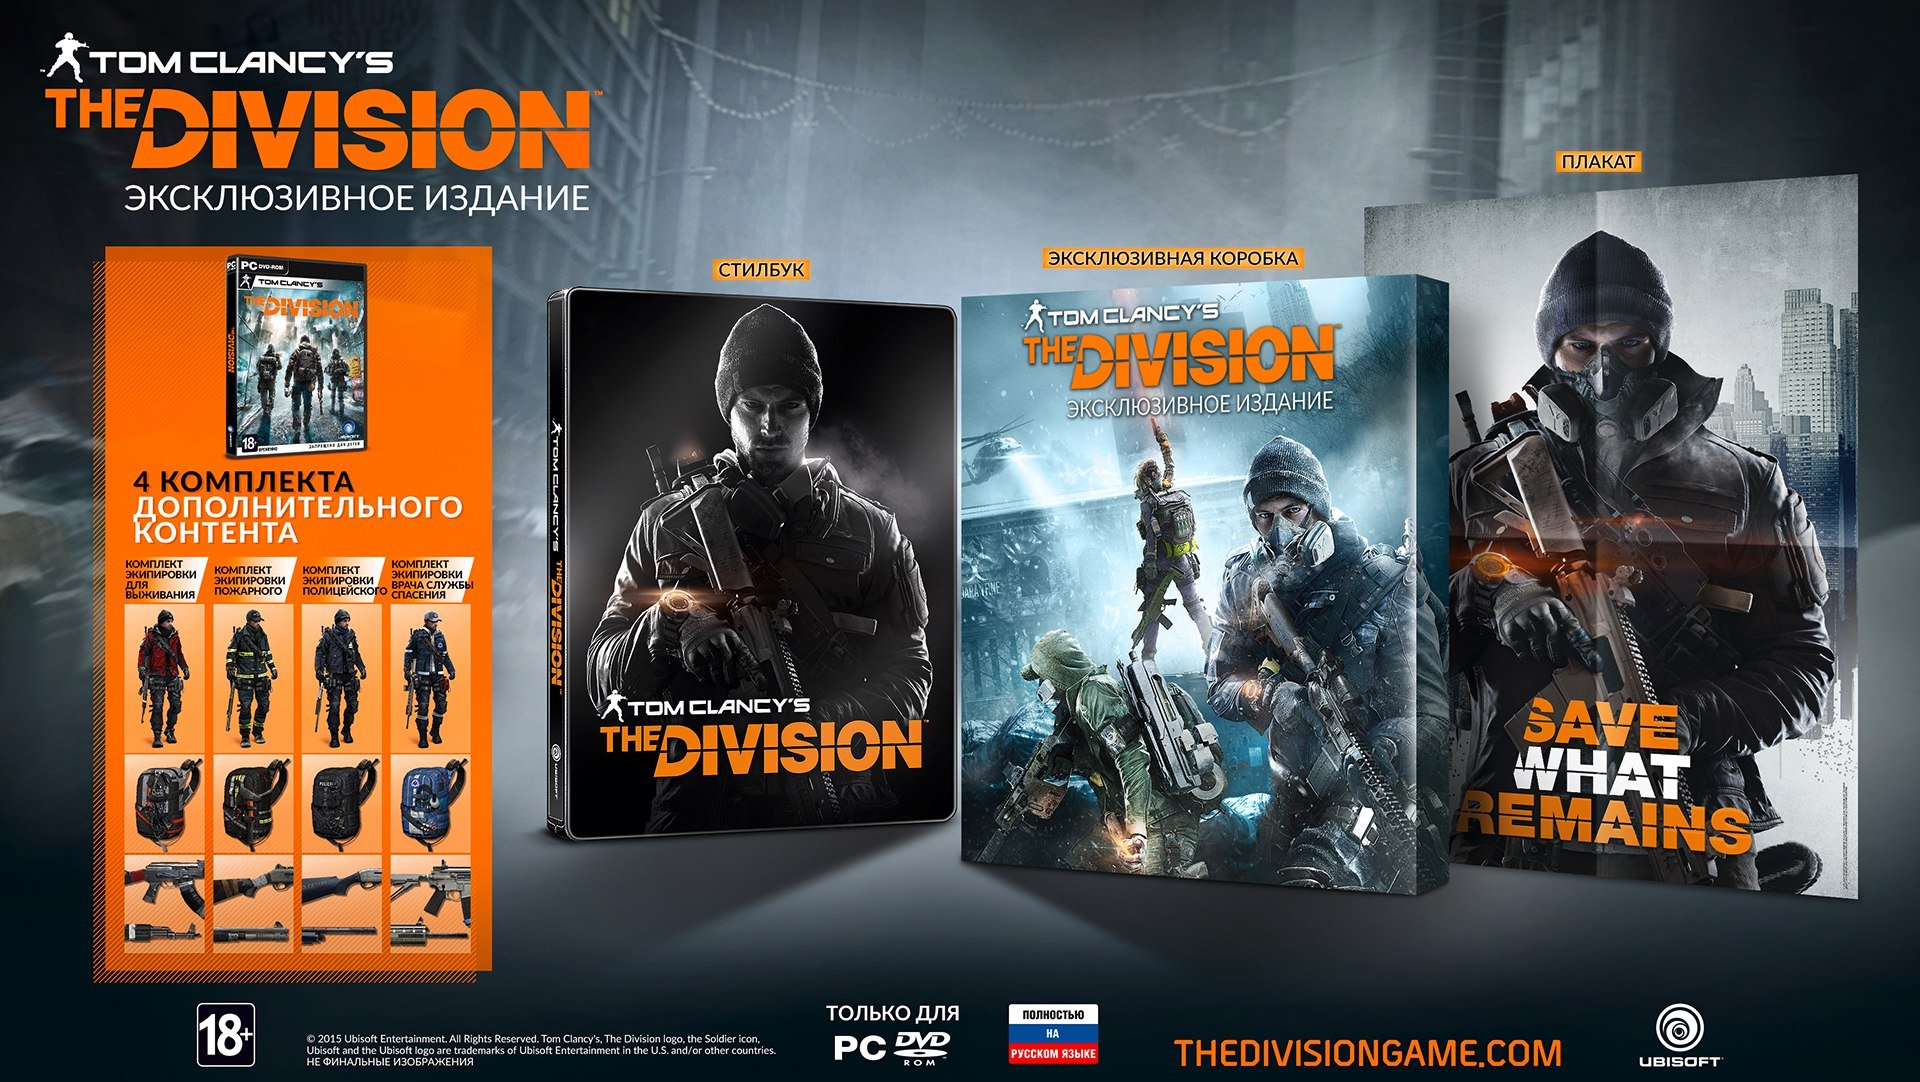 """Содержание """"Эксклюзивного издания"""" Tom Clancy's The Division: - Изображение 1"""